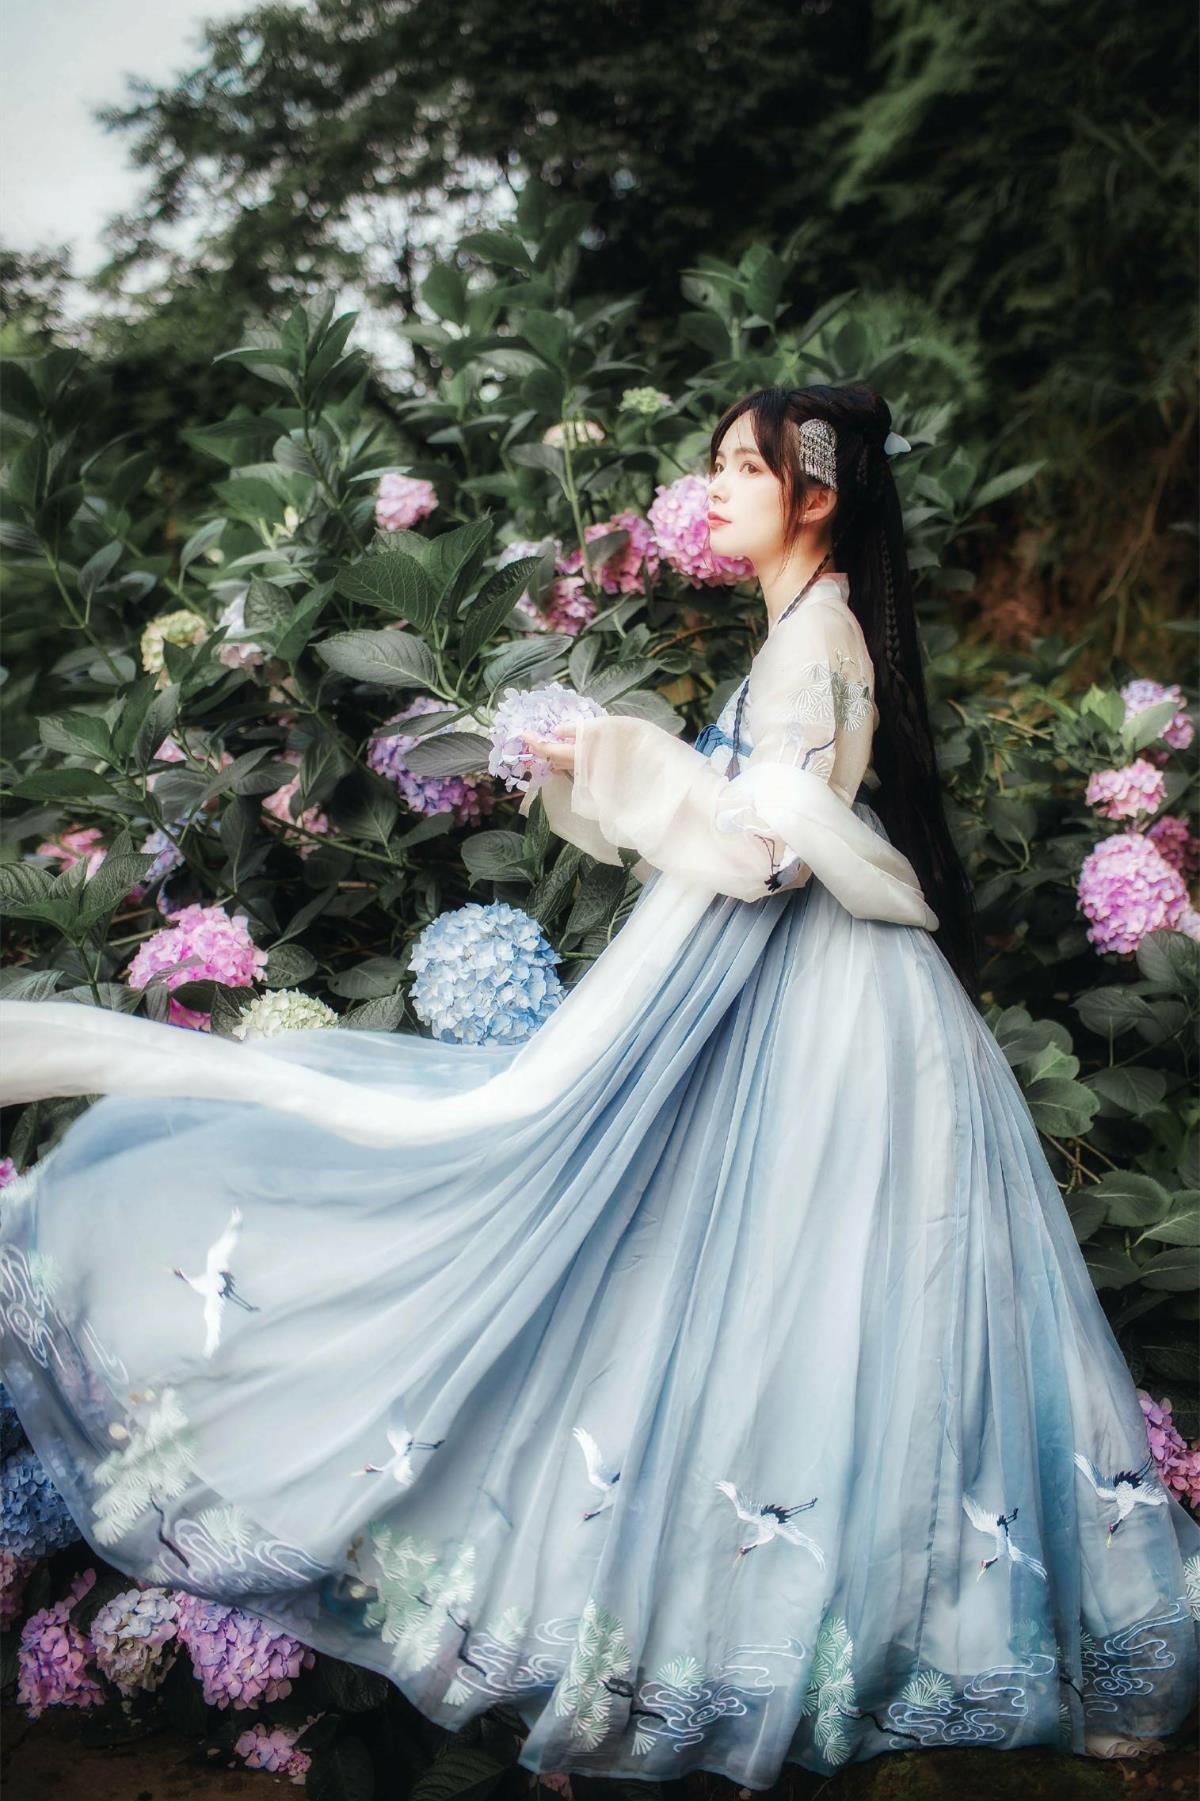 10月25日最新优惠辰莲鱼梦超仙却月花公主若桃姬汉服